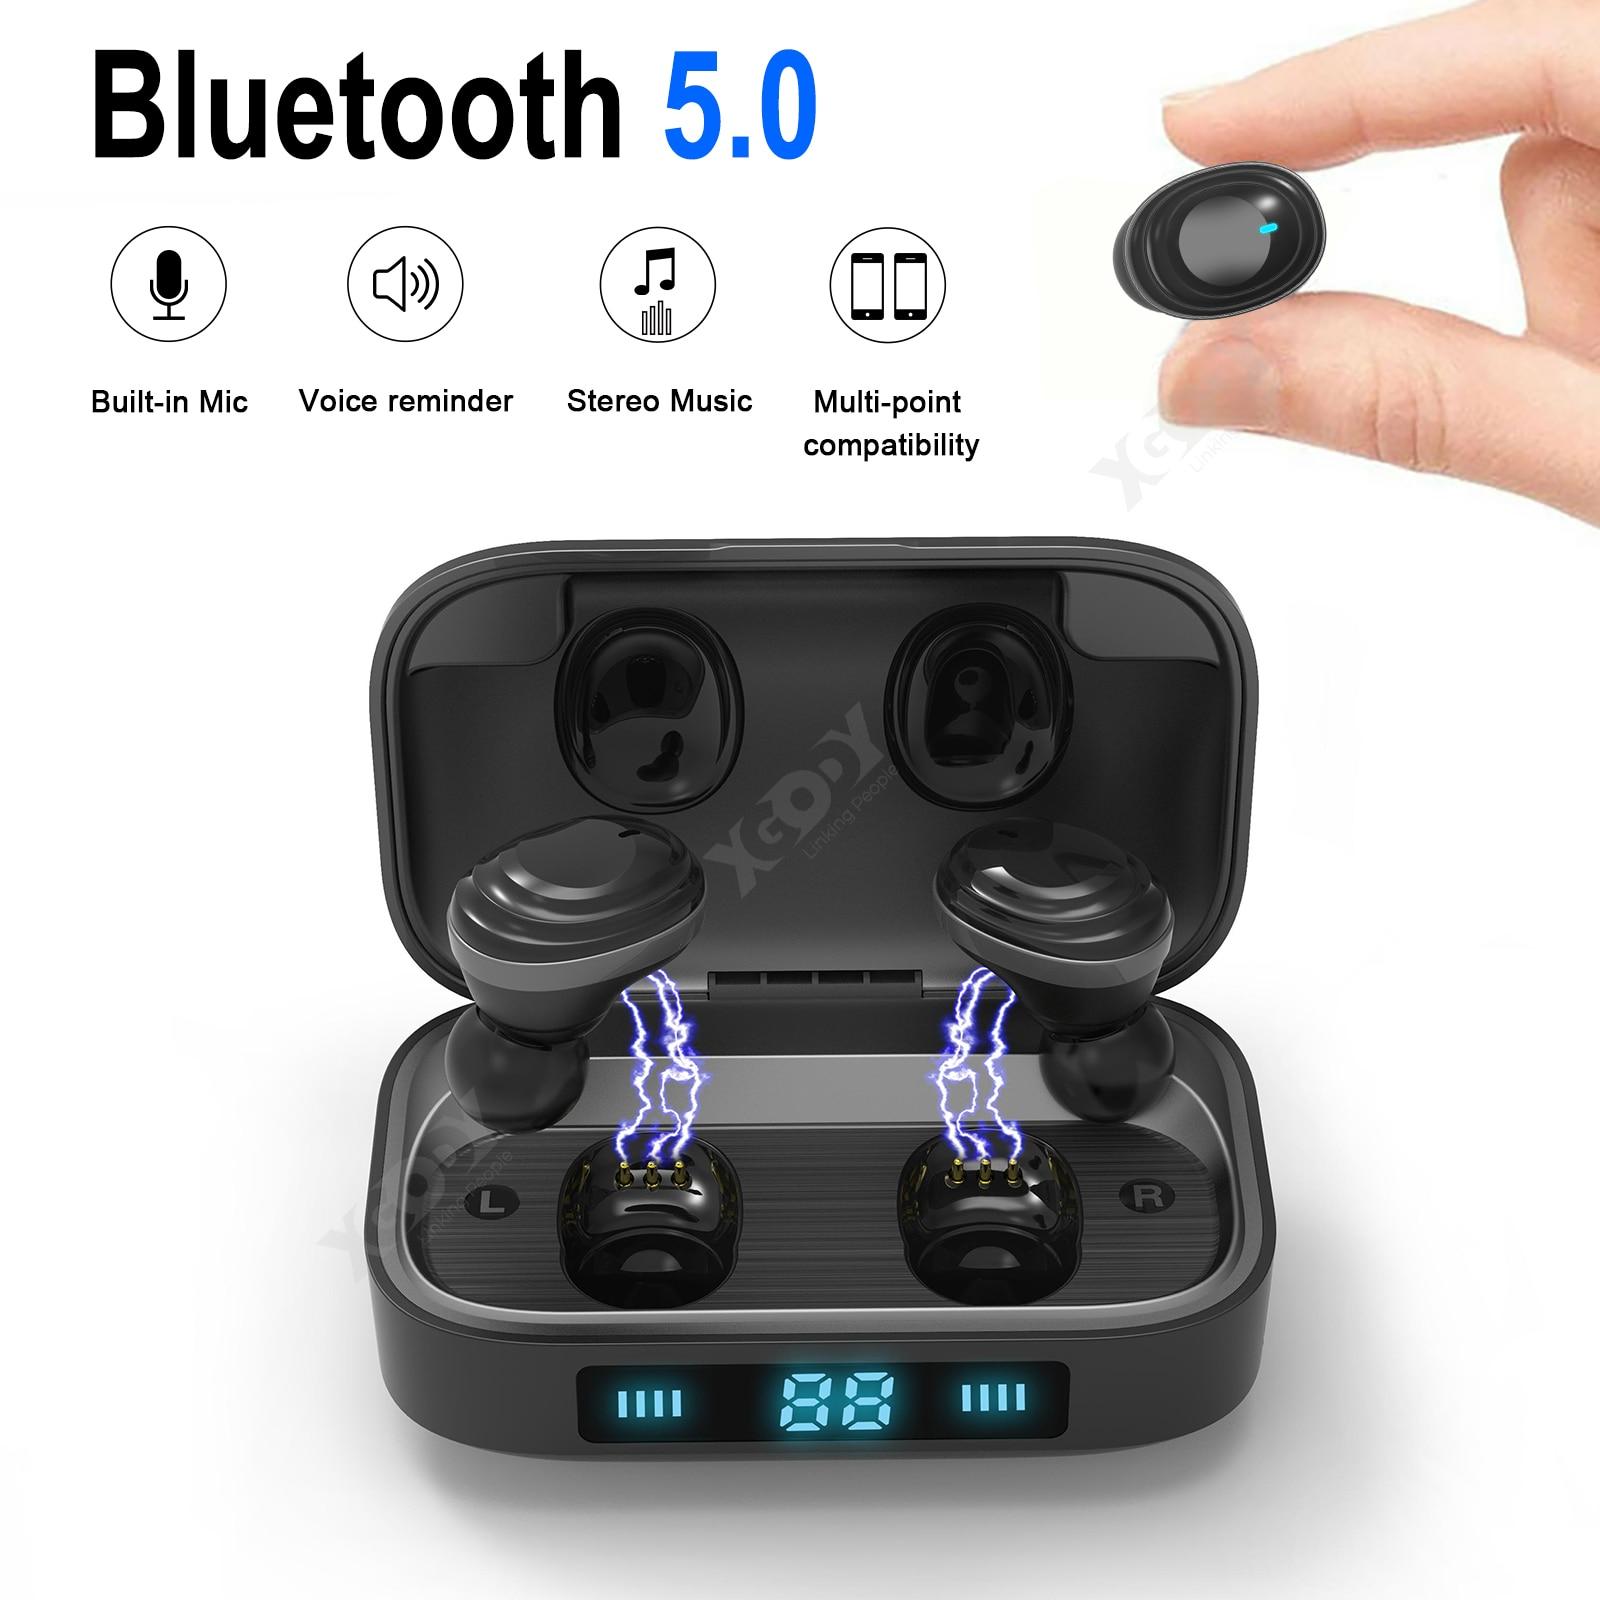 XGODY H01 9D TWS Verdadeiro Fones de Ouvido Bluetooth Sem Fio Bluetooth 5.0 Fone De Ouvido Estéreo Música Fones De Ouvido Controle de Toque 2000mAh LED Displa